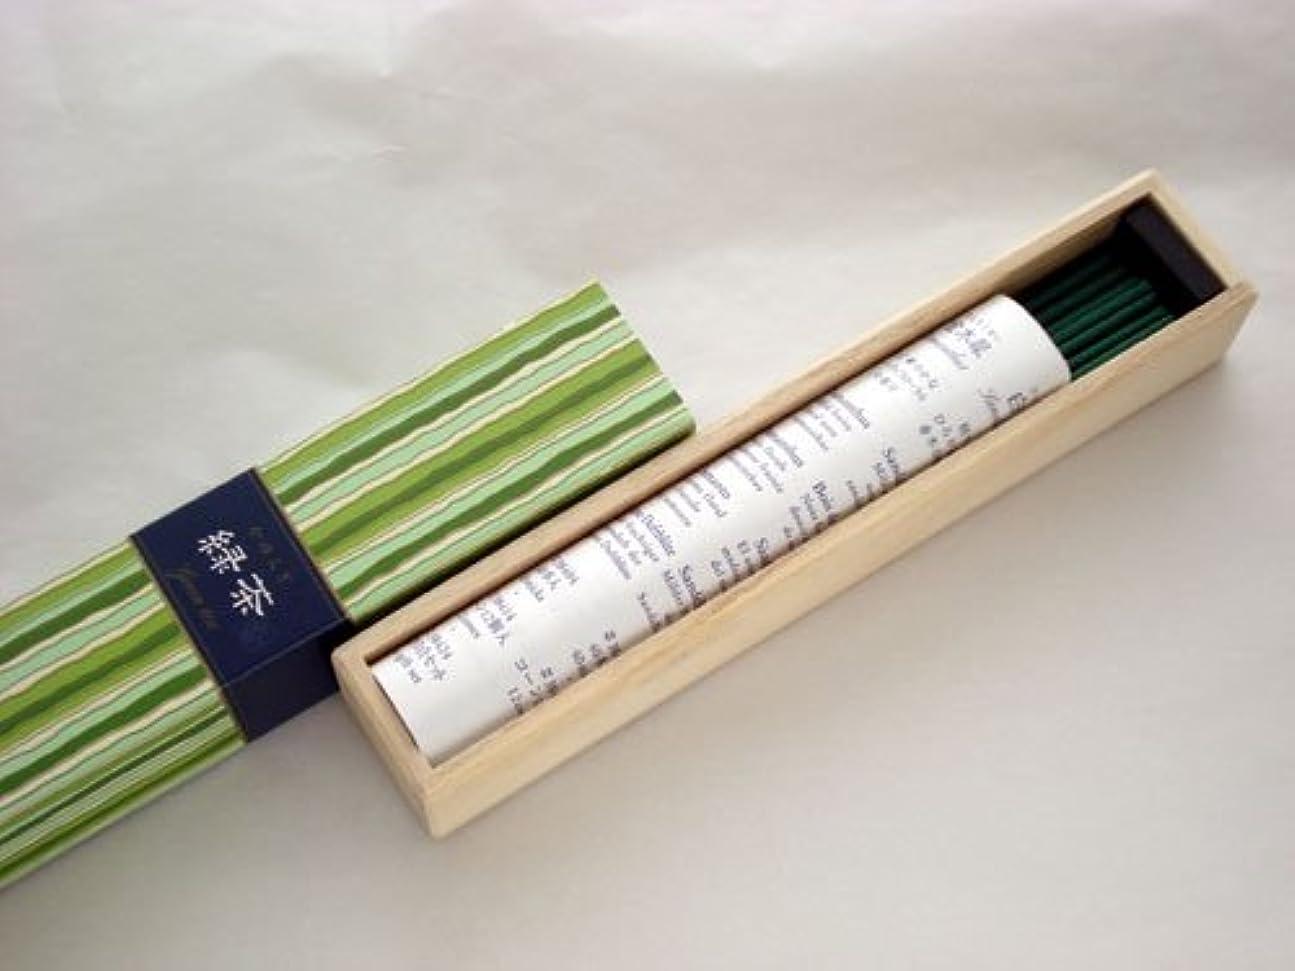 歯痛本を読む境界かゆらぎ スティック 緑茶(りょくちゃ)